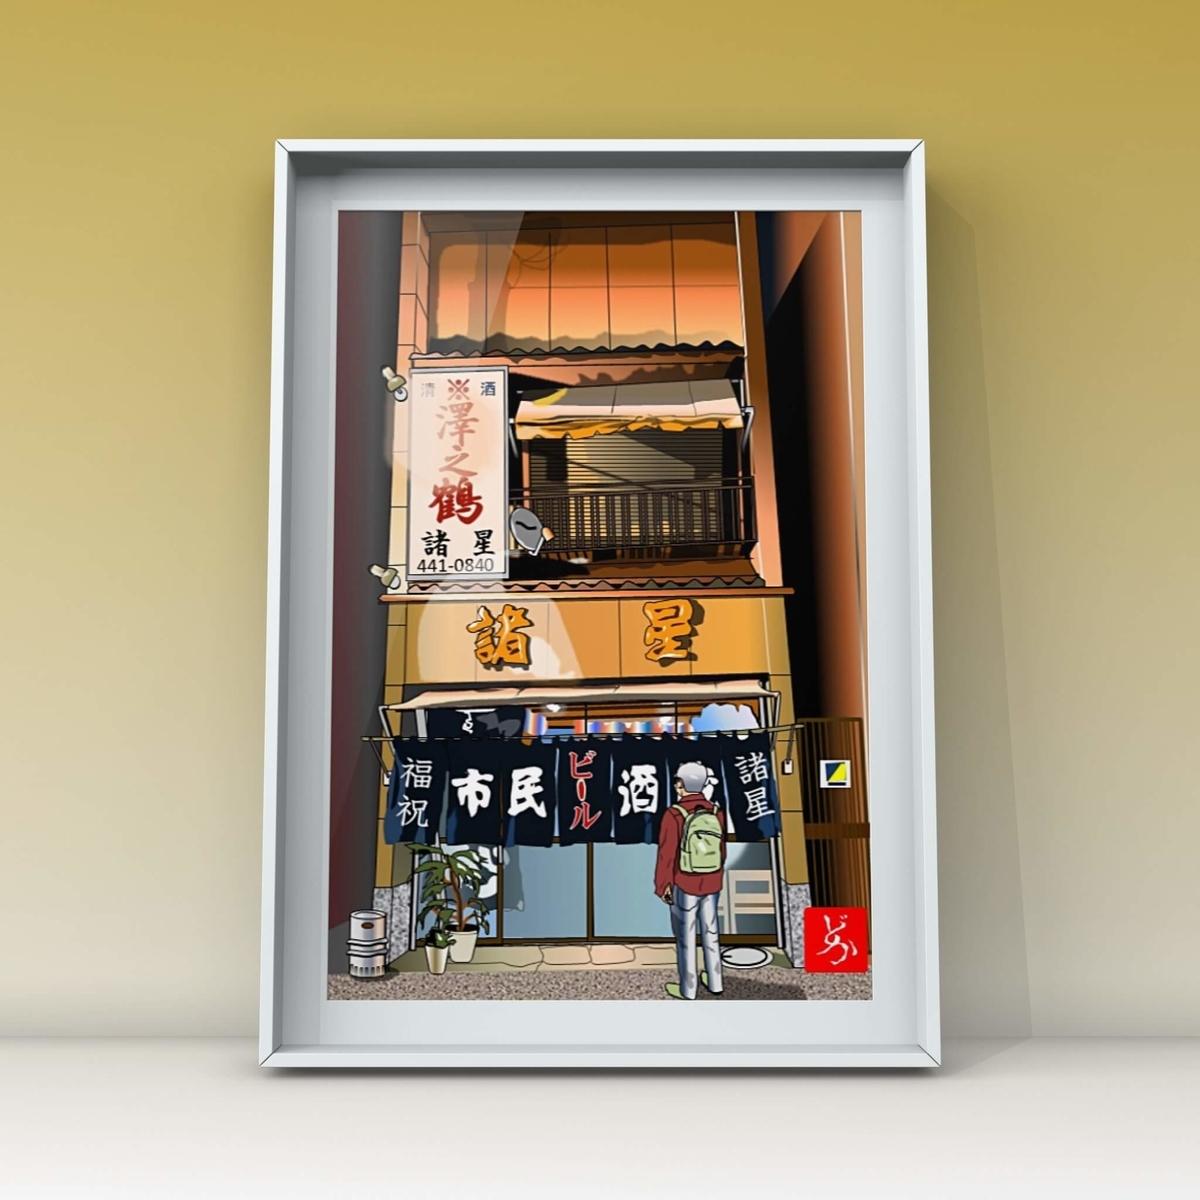 新子安の横浜三大市民酒場の「諸星」のエクセル画イラスト新子安の額装版